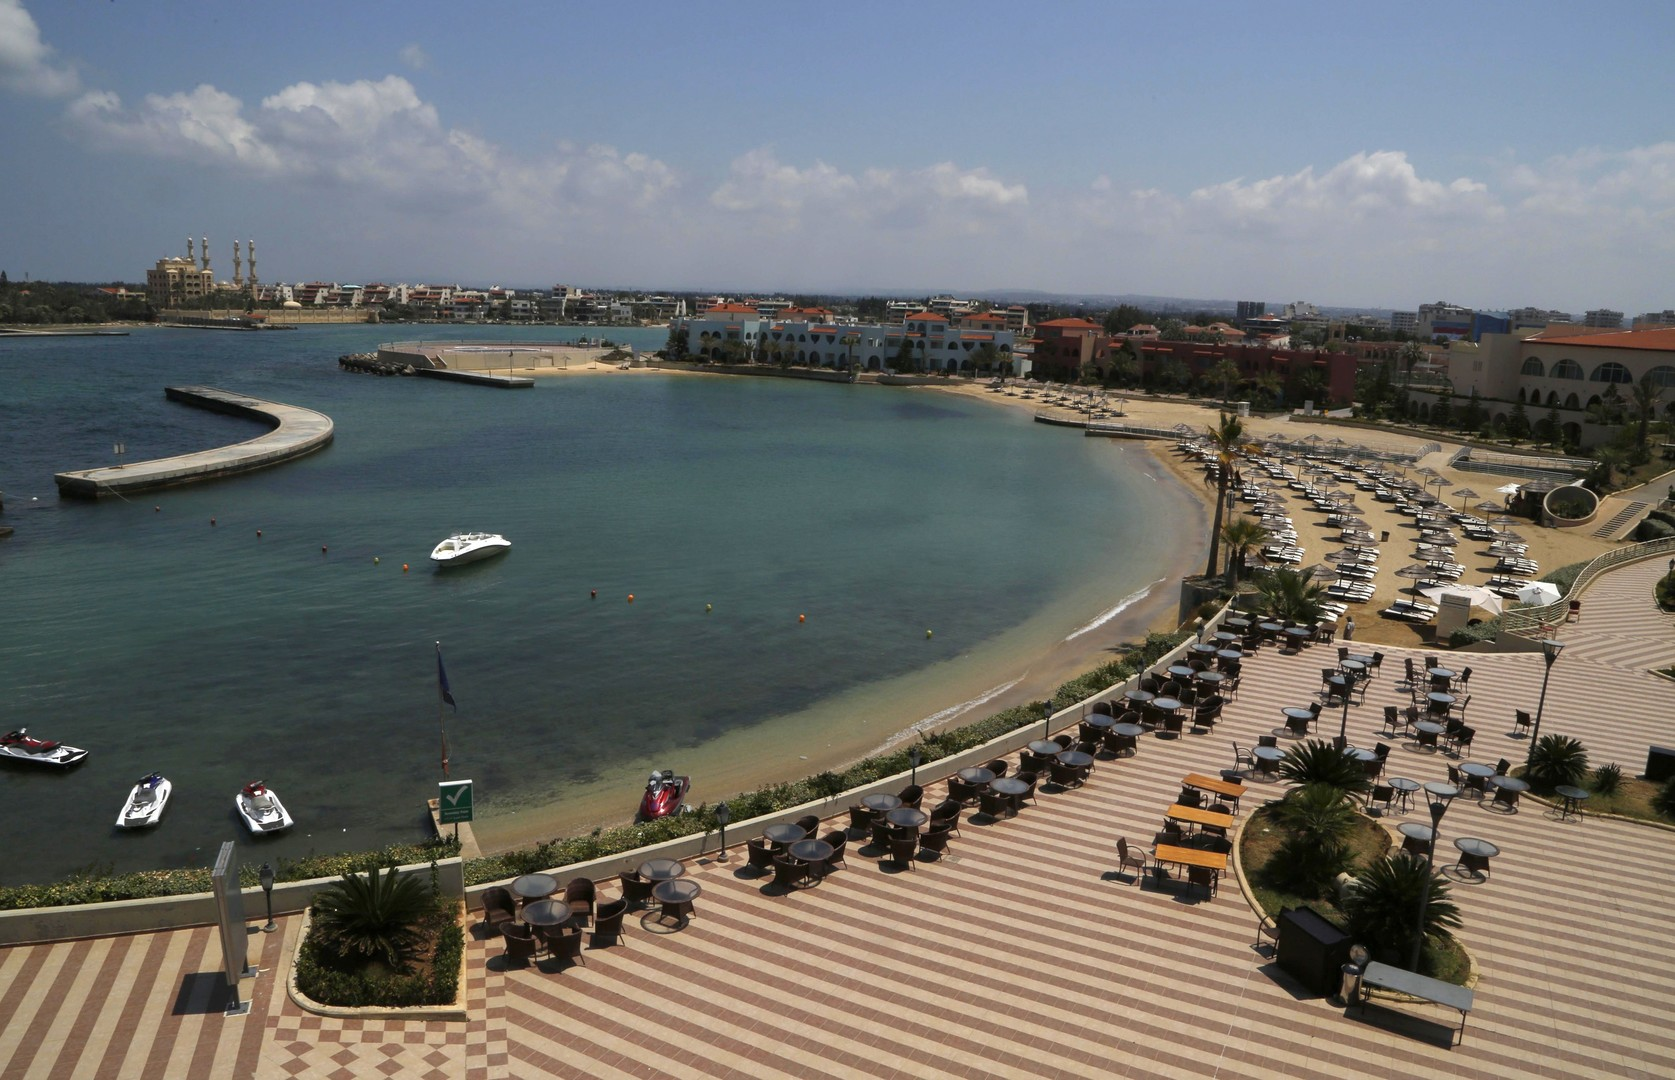 وزير سوري يكشف تفاصيل مشروعين تنفذهما روسيا في الساحل